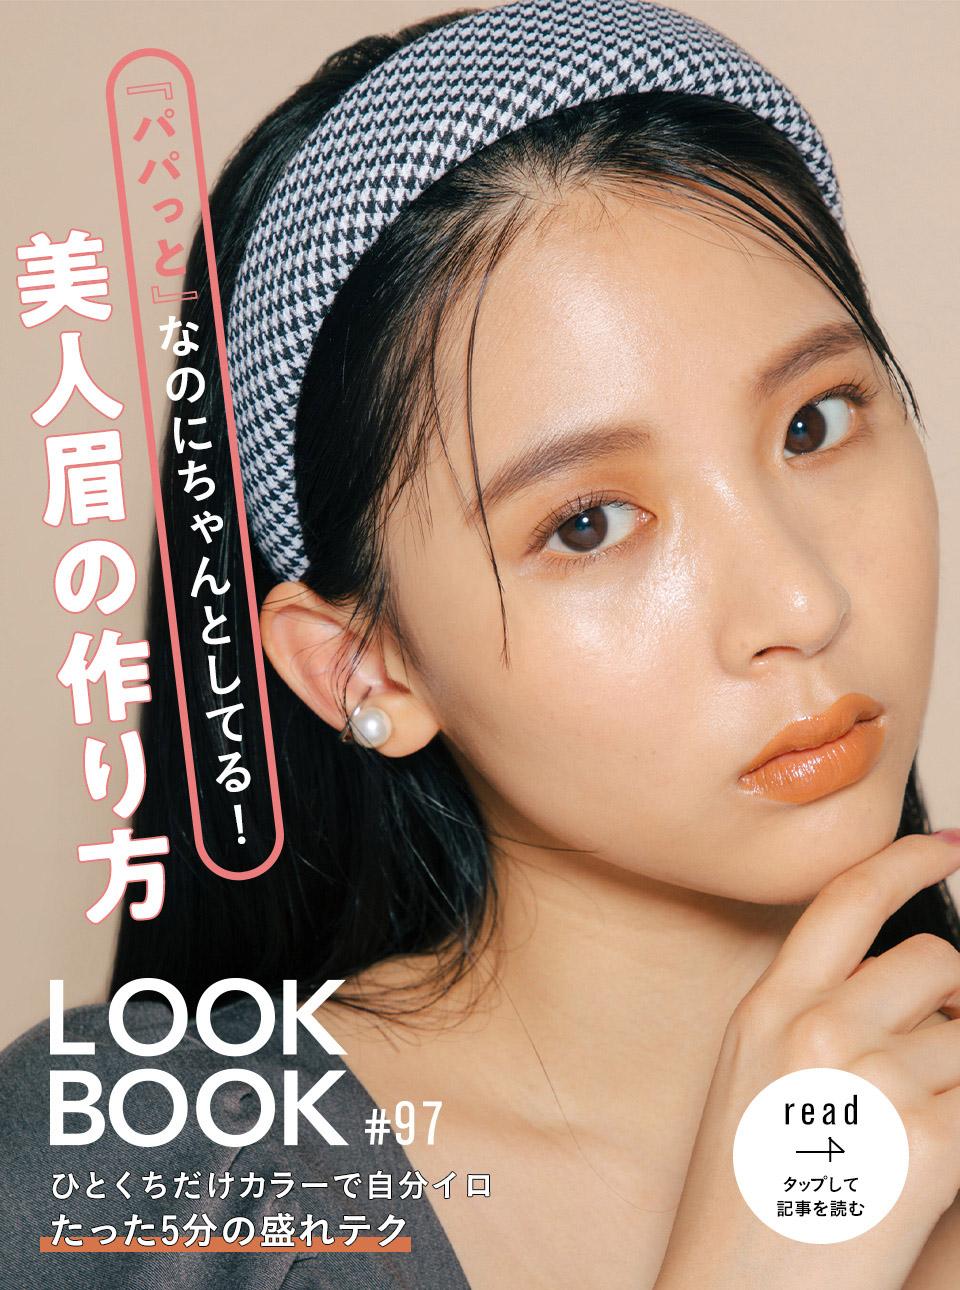 LOOKBOOK97